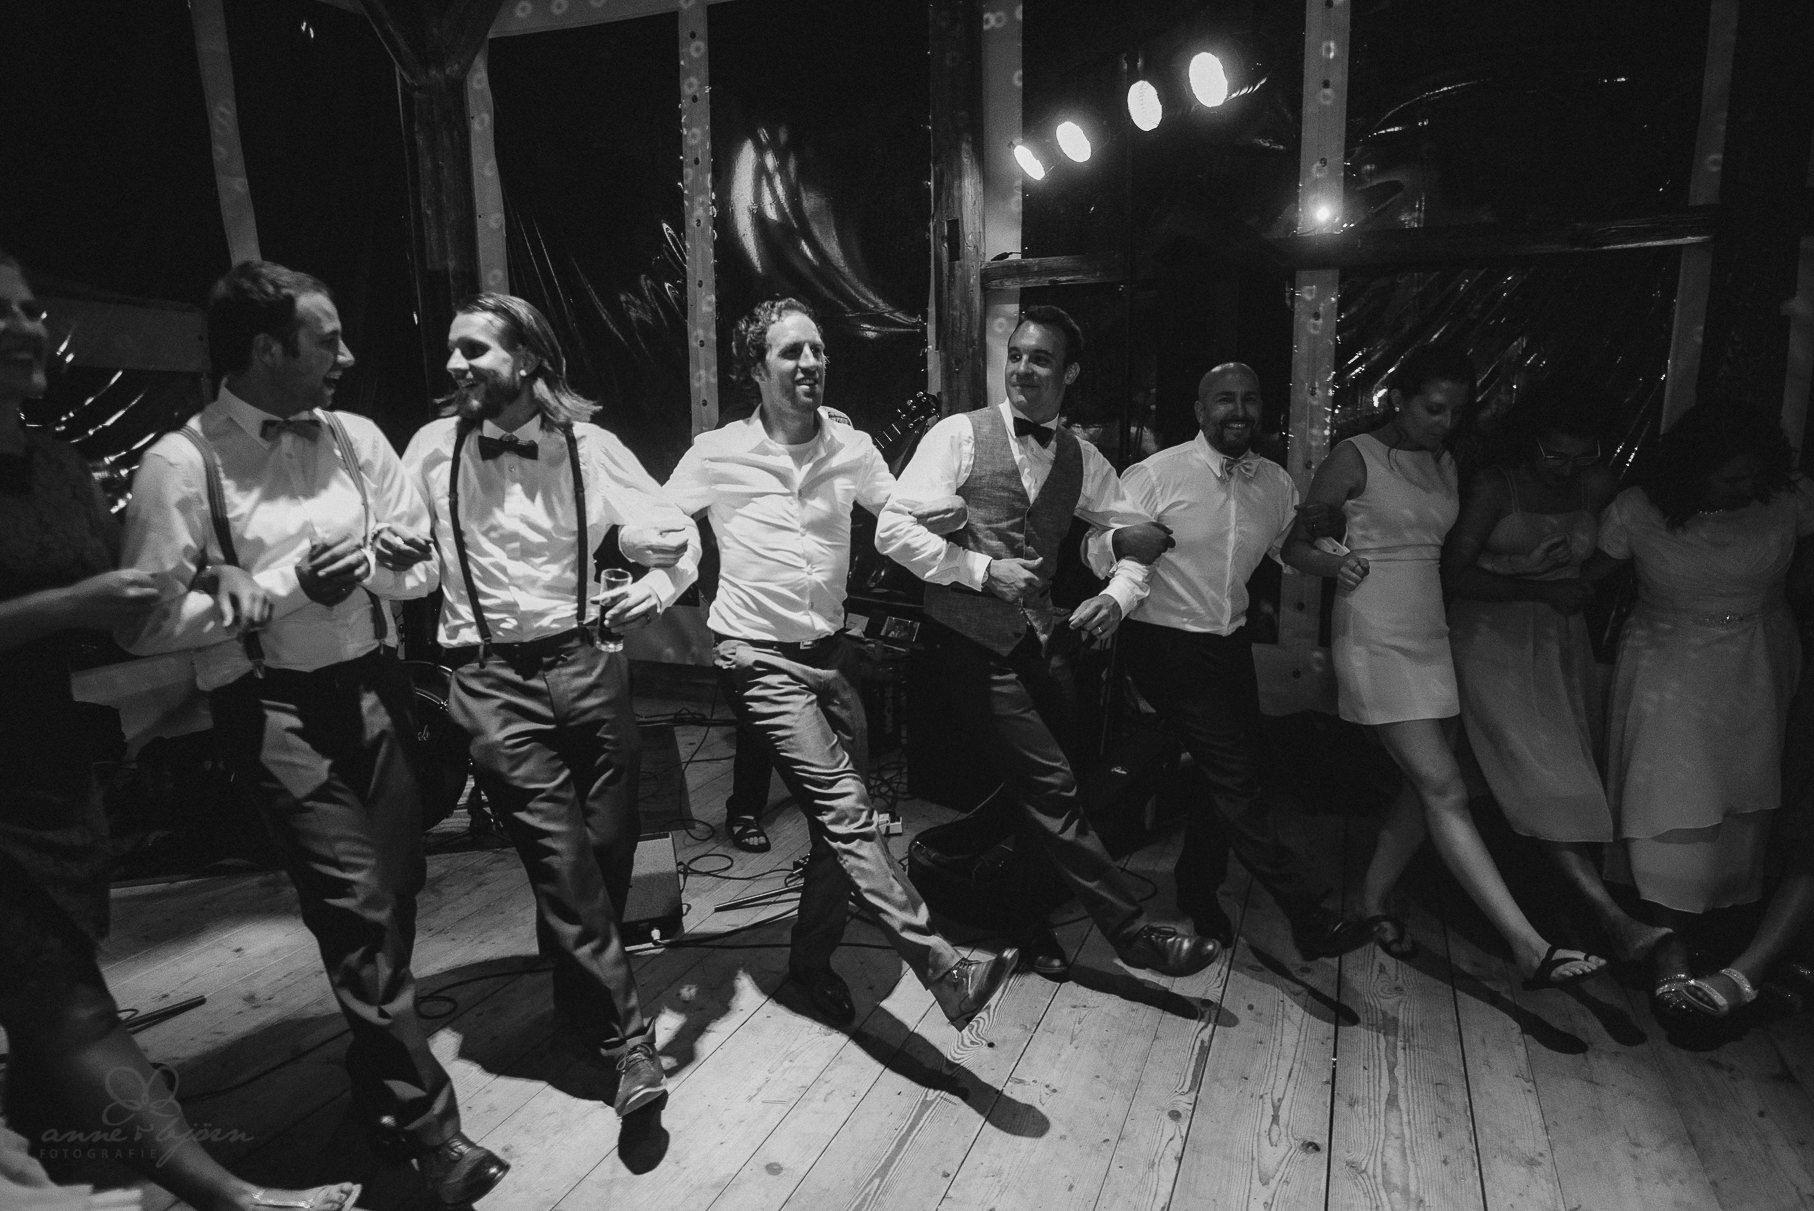 0150 anne und bjoern hochzeit schweiz d75 2650 - DIY Hochzeit in der Schweiz - Sabrina & Christoph